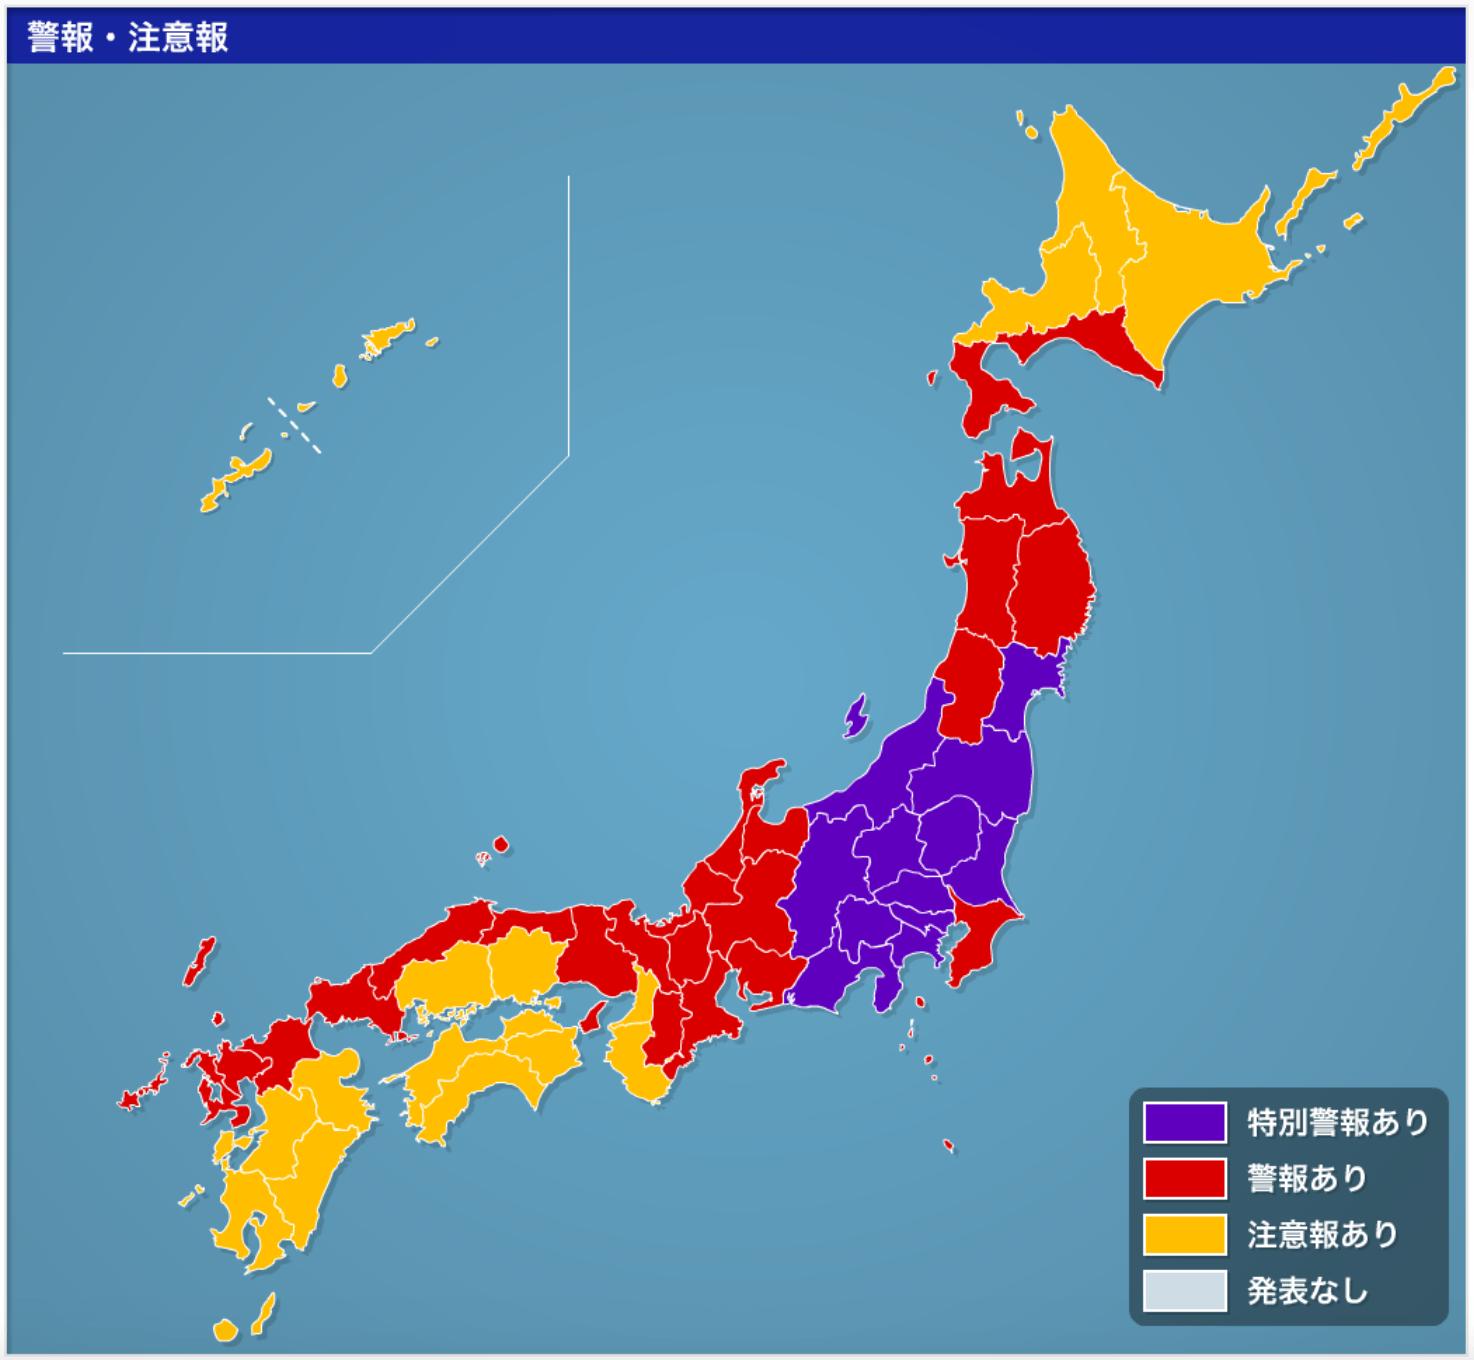 http://weathernews.jp/warning/